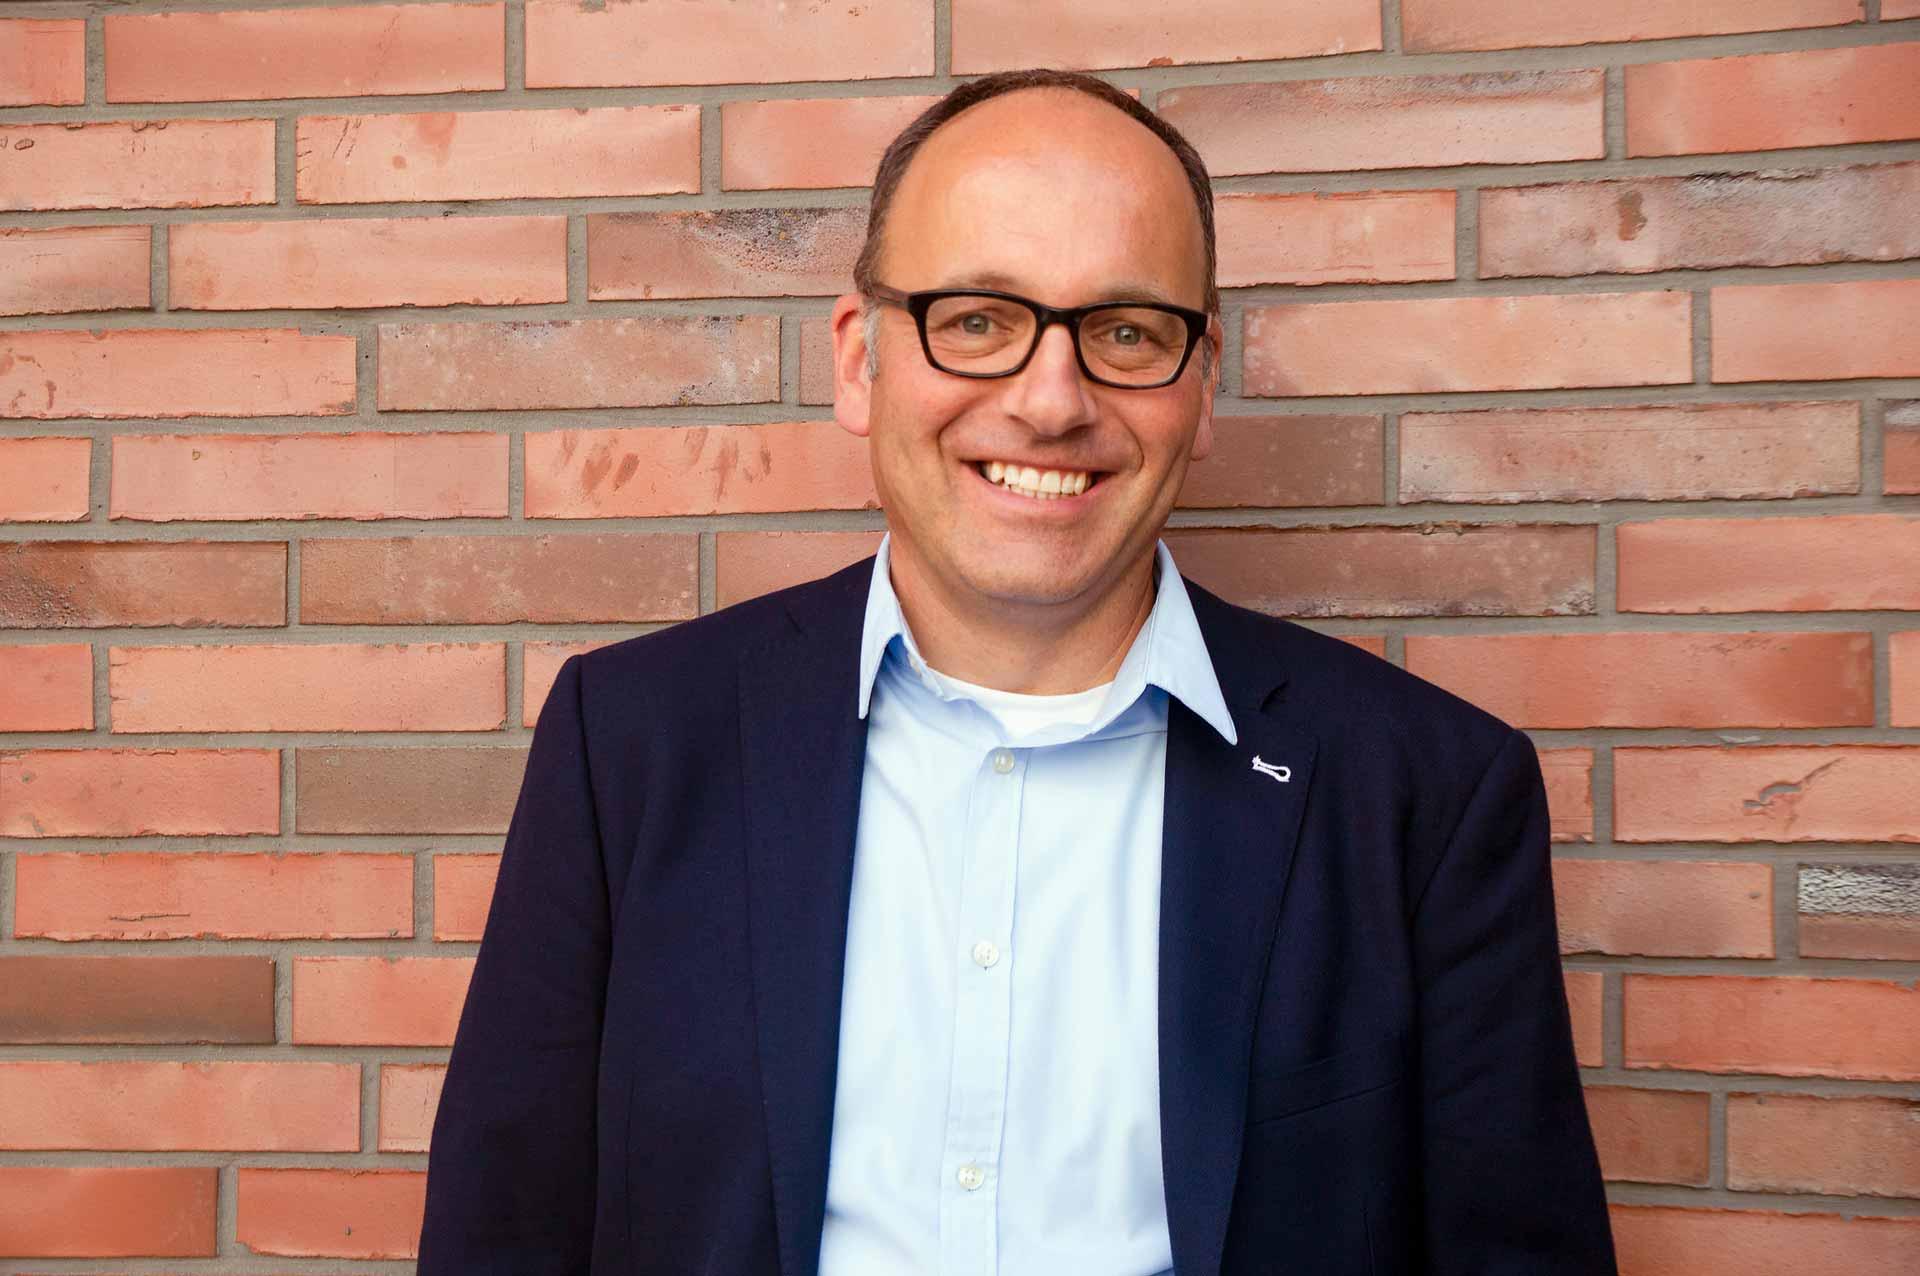 Die Kräfte bündeln, nicht nur mit der Kirche: der neue Geschäftsleiter der Caritas Luzern, Daniel Furrer. | © 2020 Jasmin Metzger, Caritas Luzern